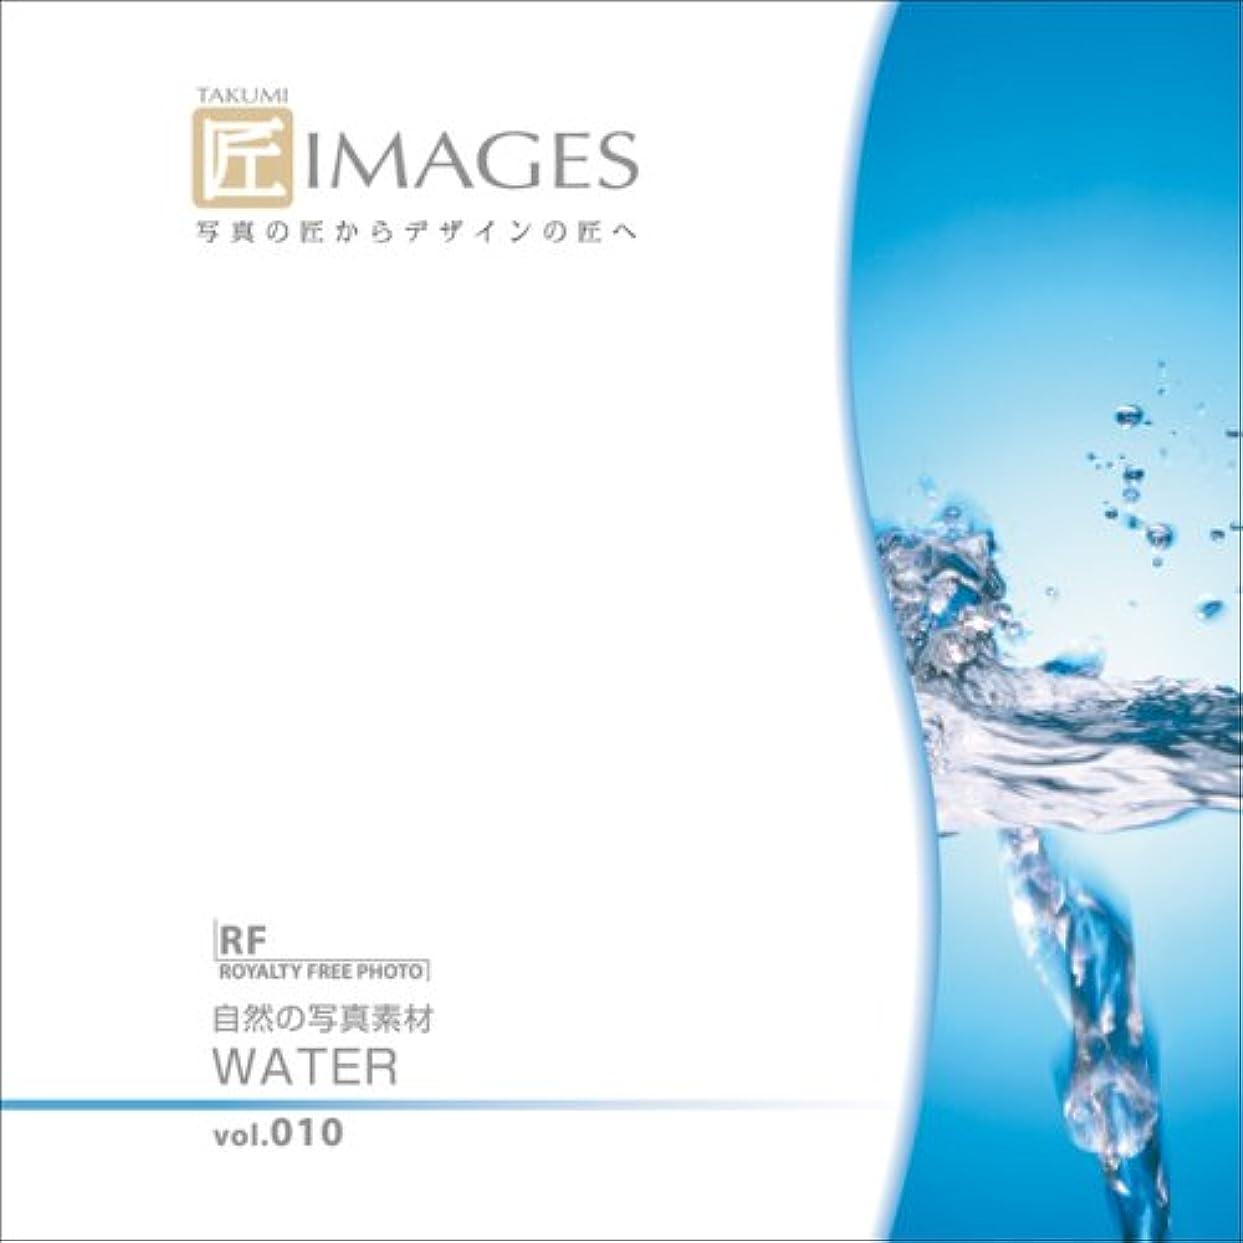 揃える引き渡す電圧匠IMAGES Vol.010 WATER